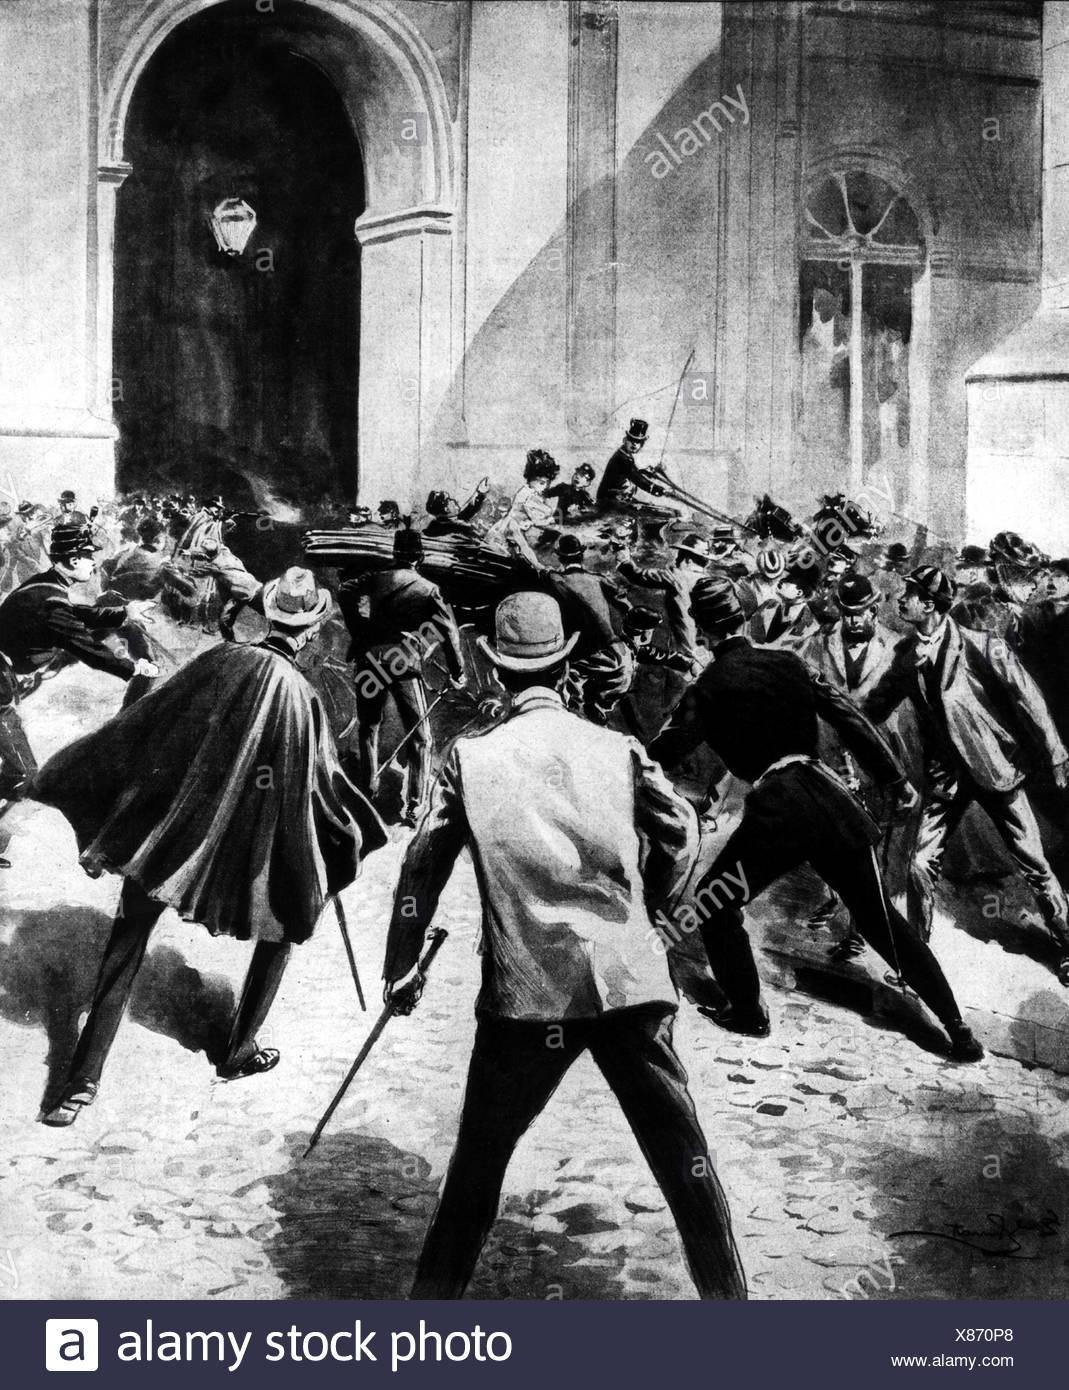 Charles, I, 28.9.1863 - 1.2.1908, roi du Portugal 1889 - 1908, mort, assassinat à Lisbonne, 1.2.1908, illustration contemporaine, Banque D'Images